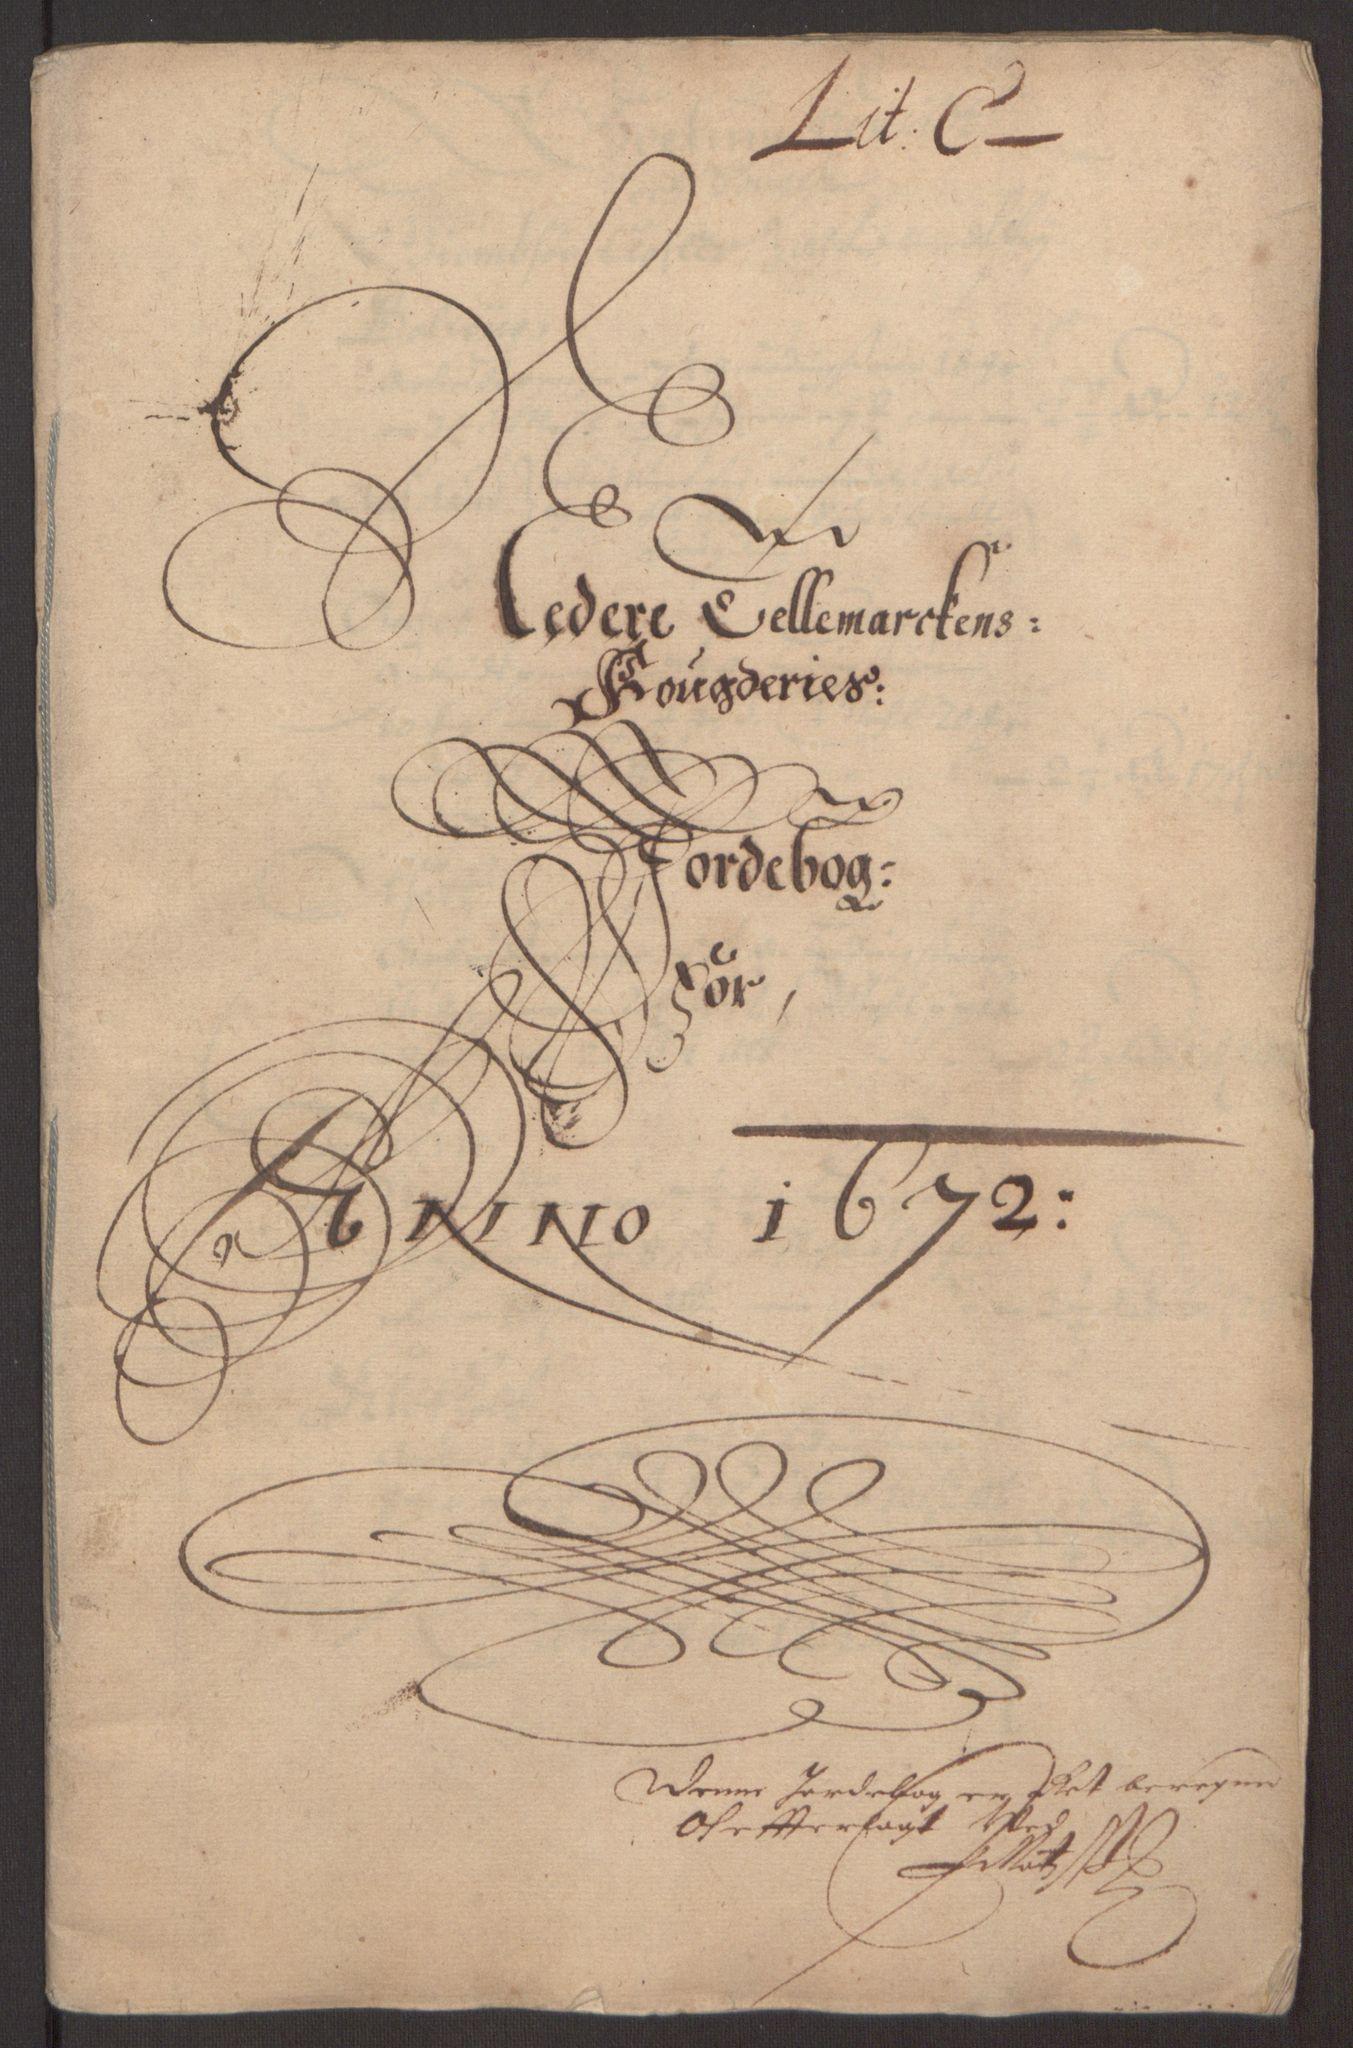 RA, Rentekammeret inntil 1814, Reviderte regnskaper, Fogderegnskap, R35/L2060: Fogderegnskap Øvre og Nedre Telemark, 1671-1672, s. 284